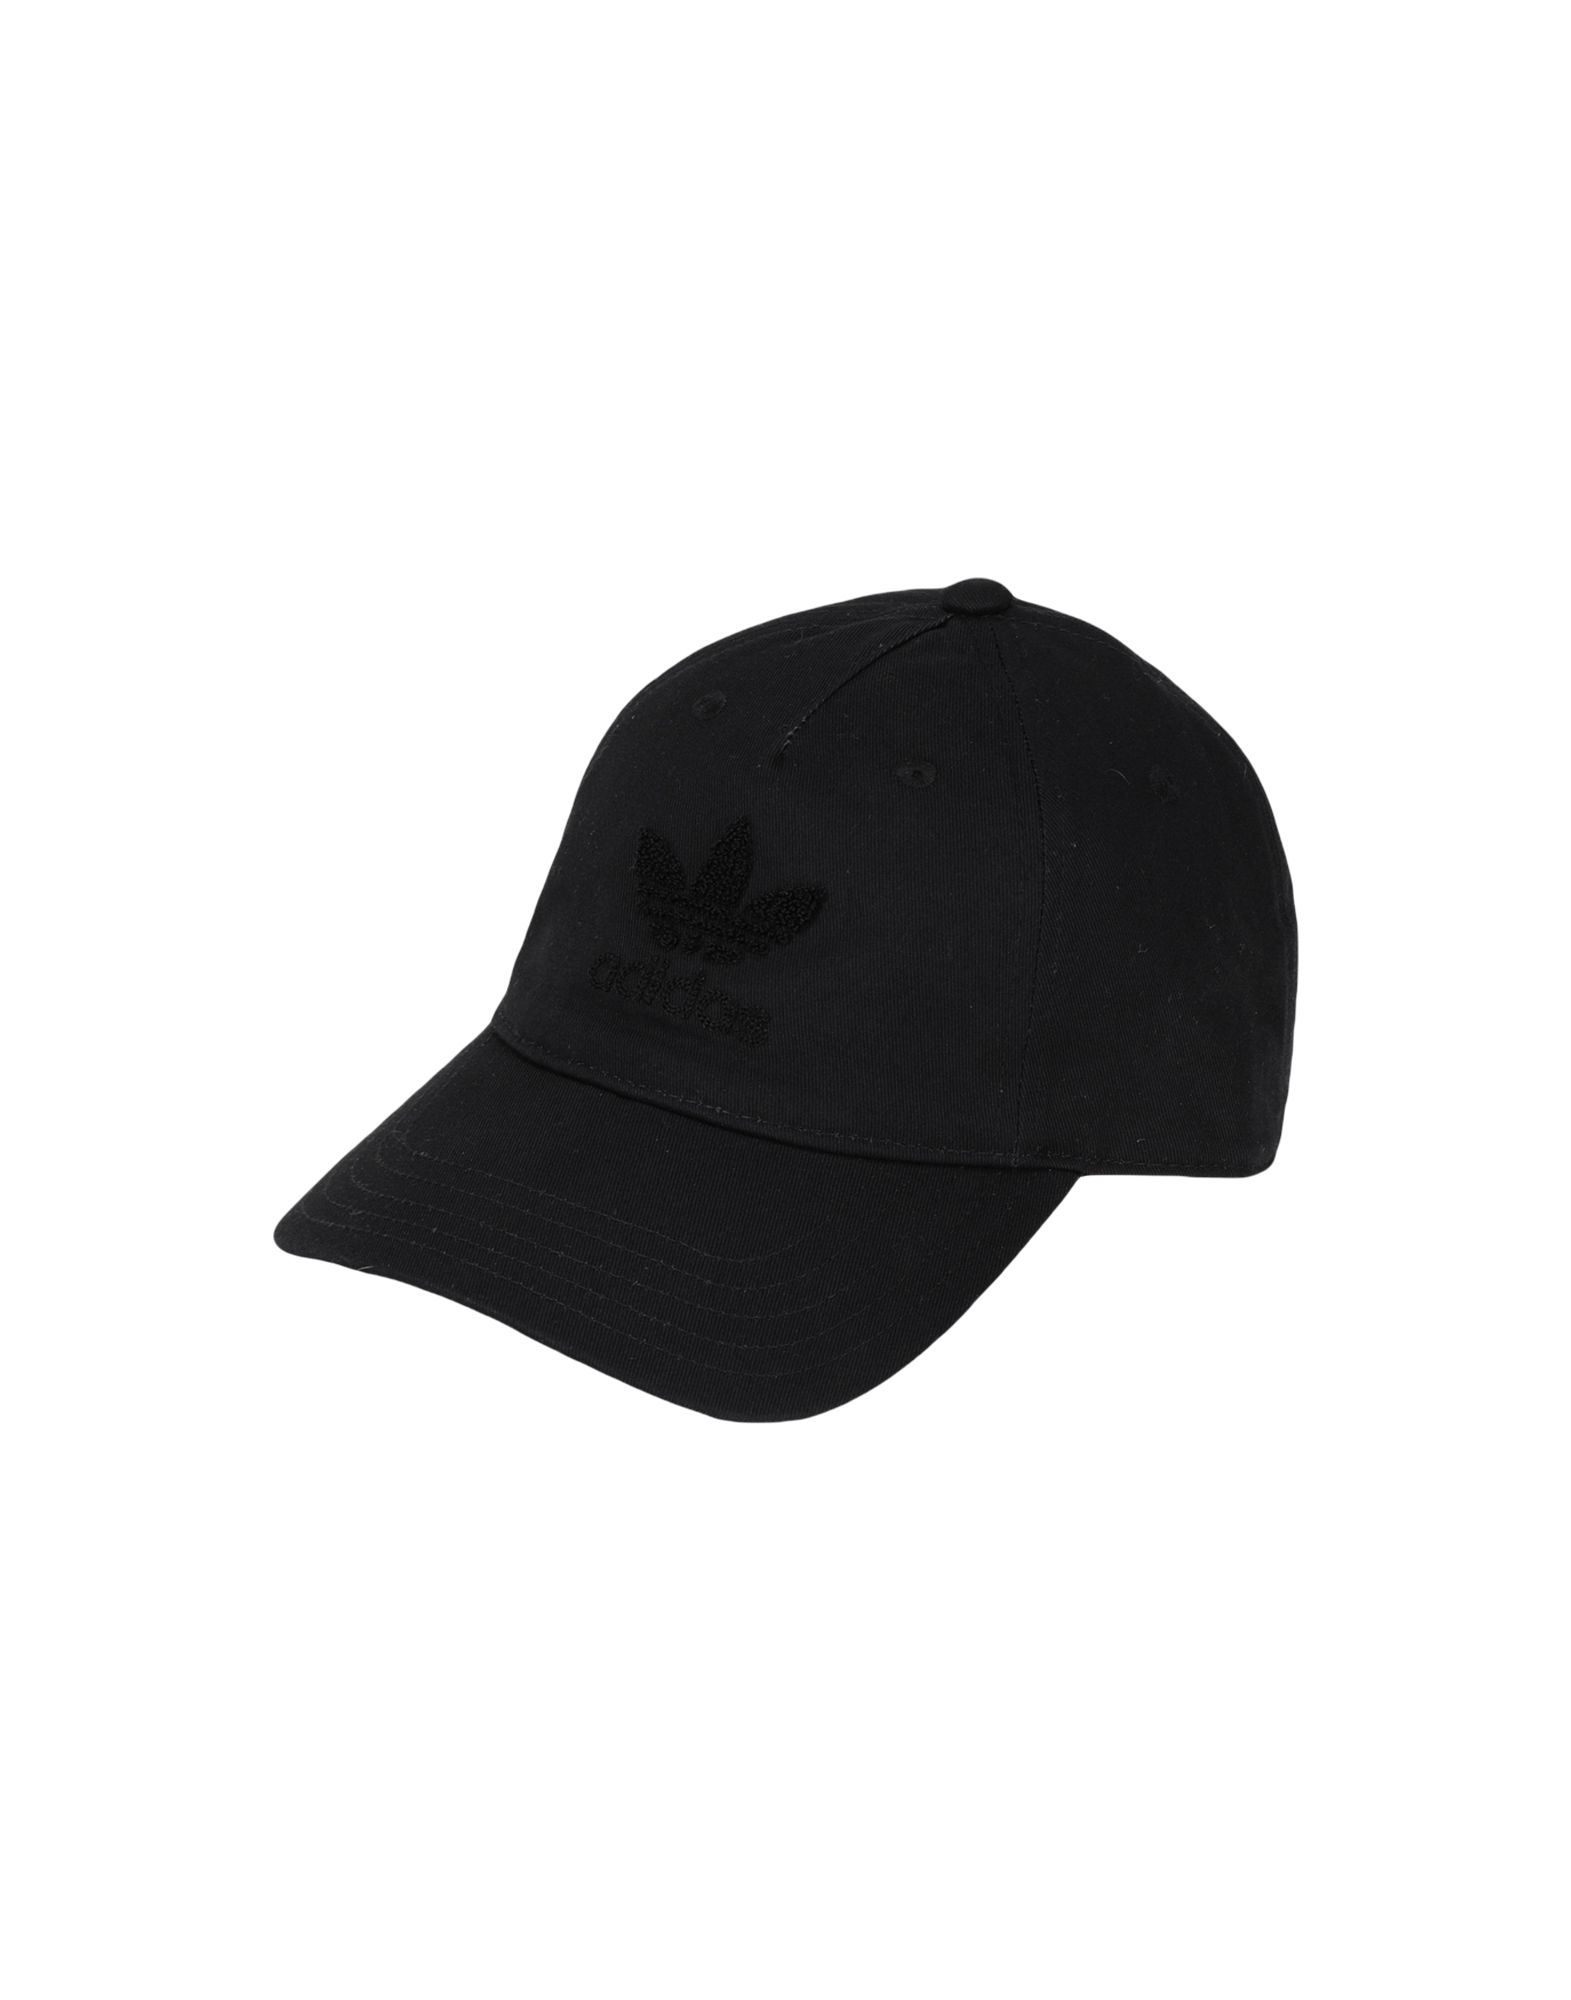 《セール開催中》ADIDAS ORIGINALS Unisex 帽子 ブラック one size コットン 100% AC-CHENILLE-DAD